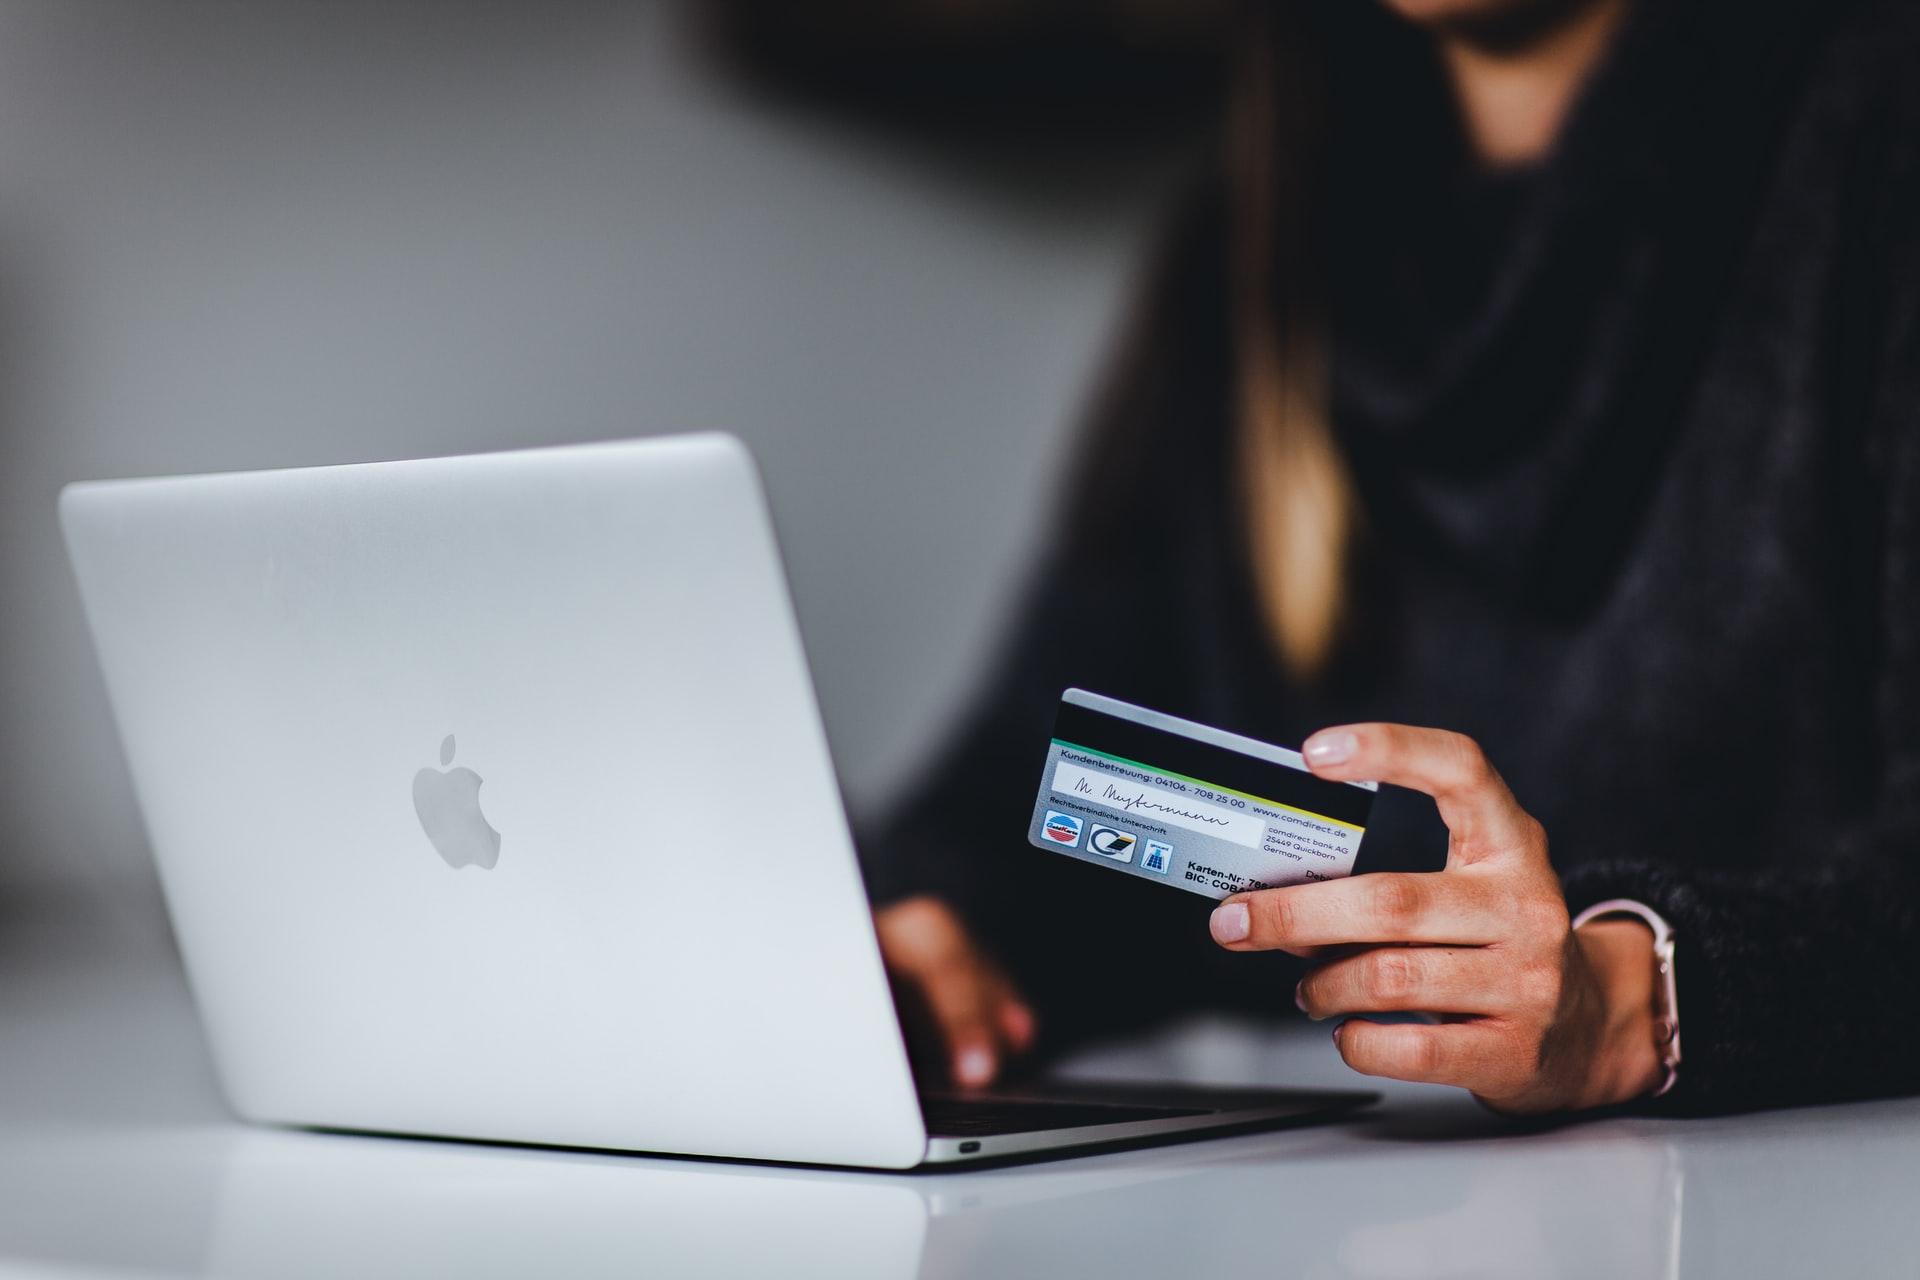 Аналітика великих даних змінює досвід онлайн-покупців